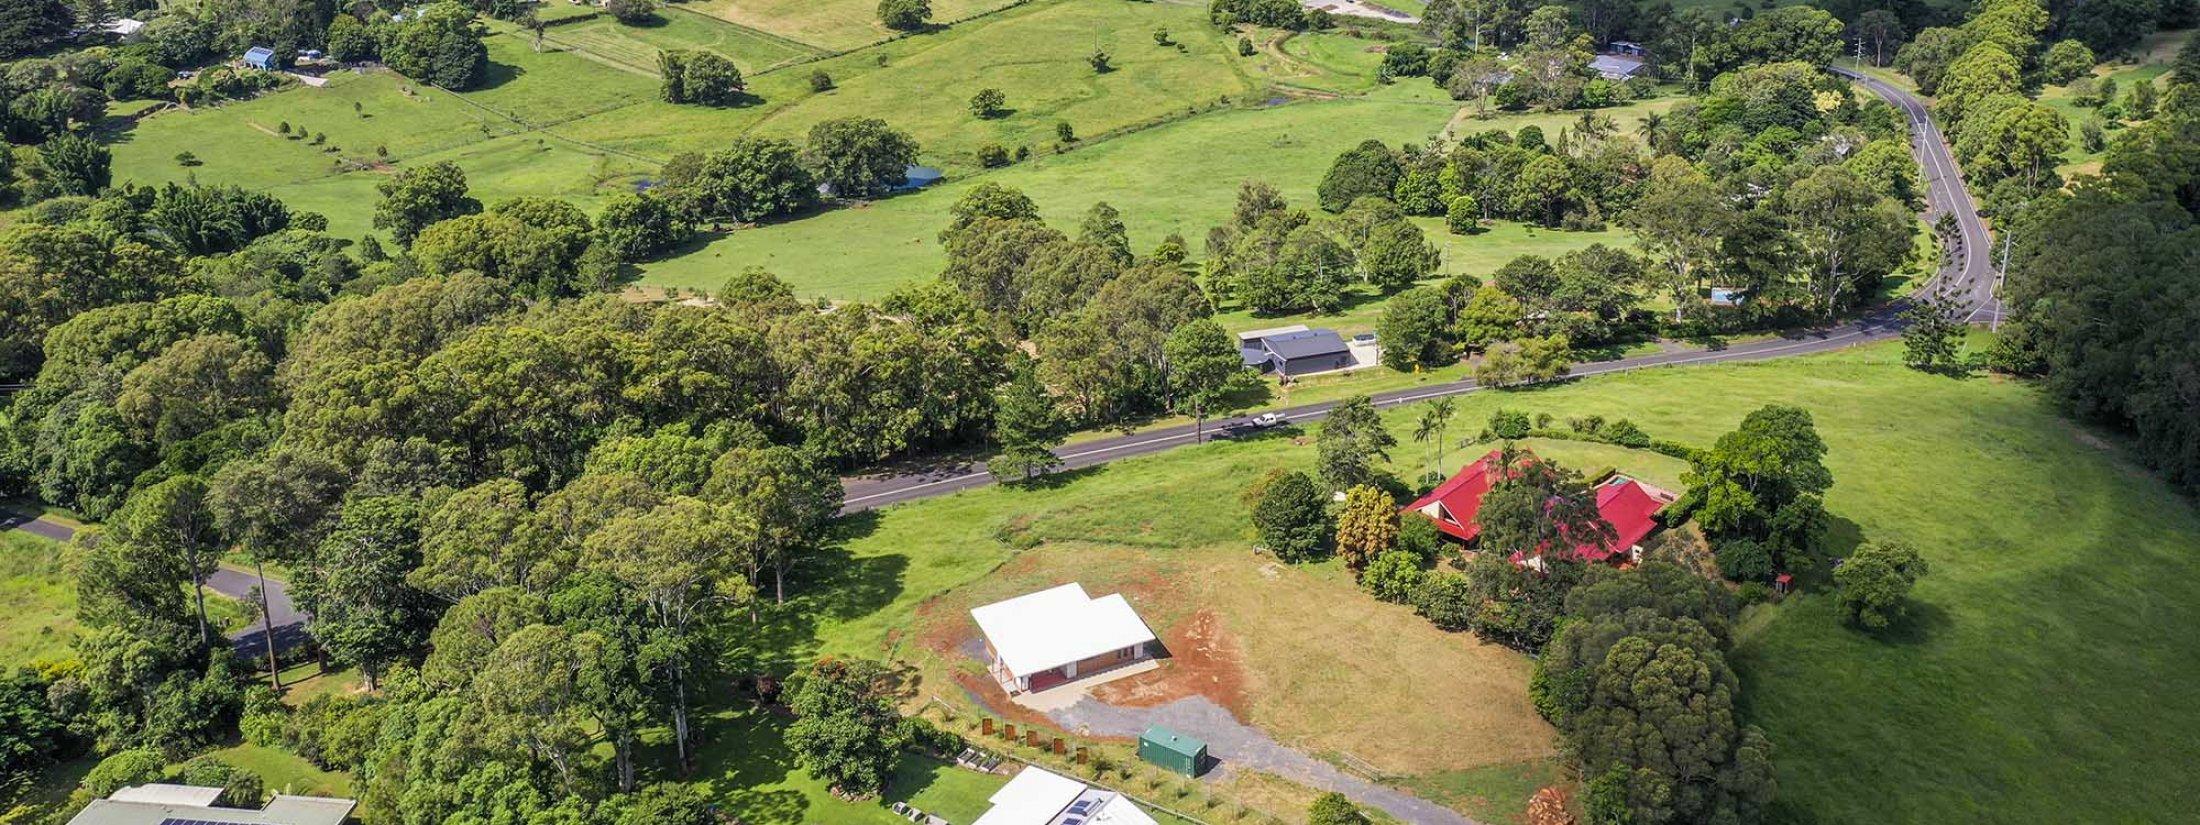 Toad Hall Cottage - Lennox Head - Aerial to NE